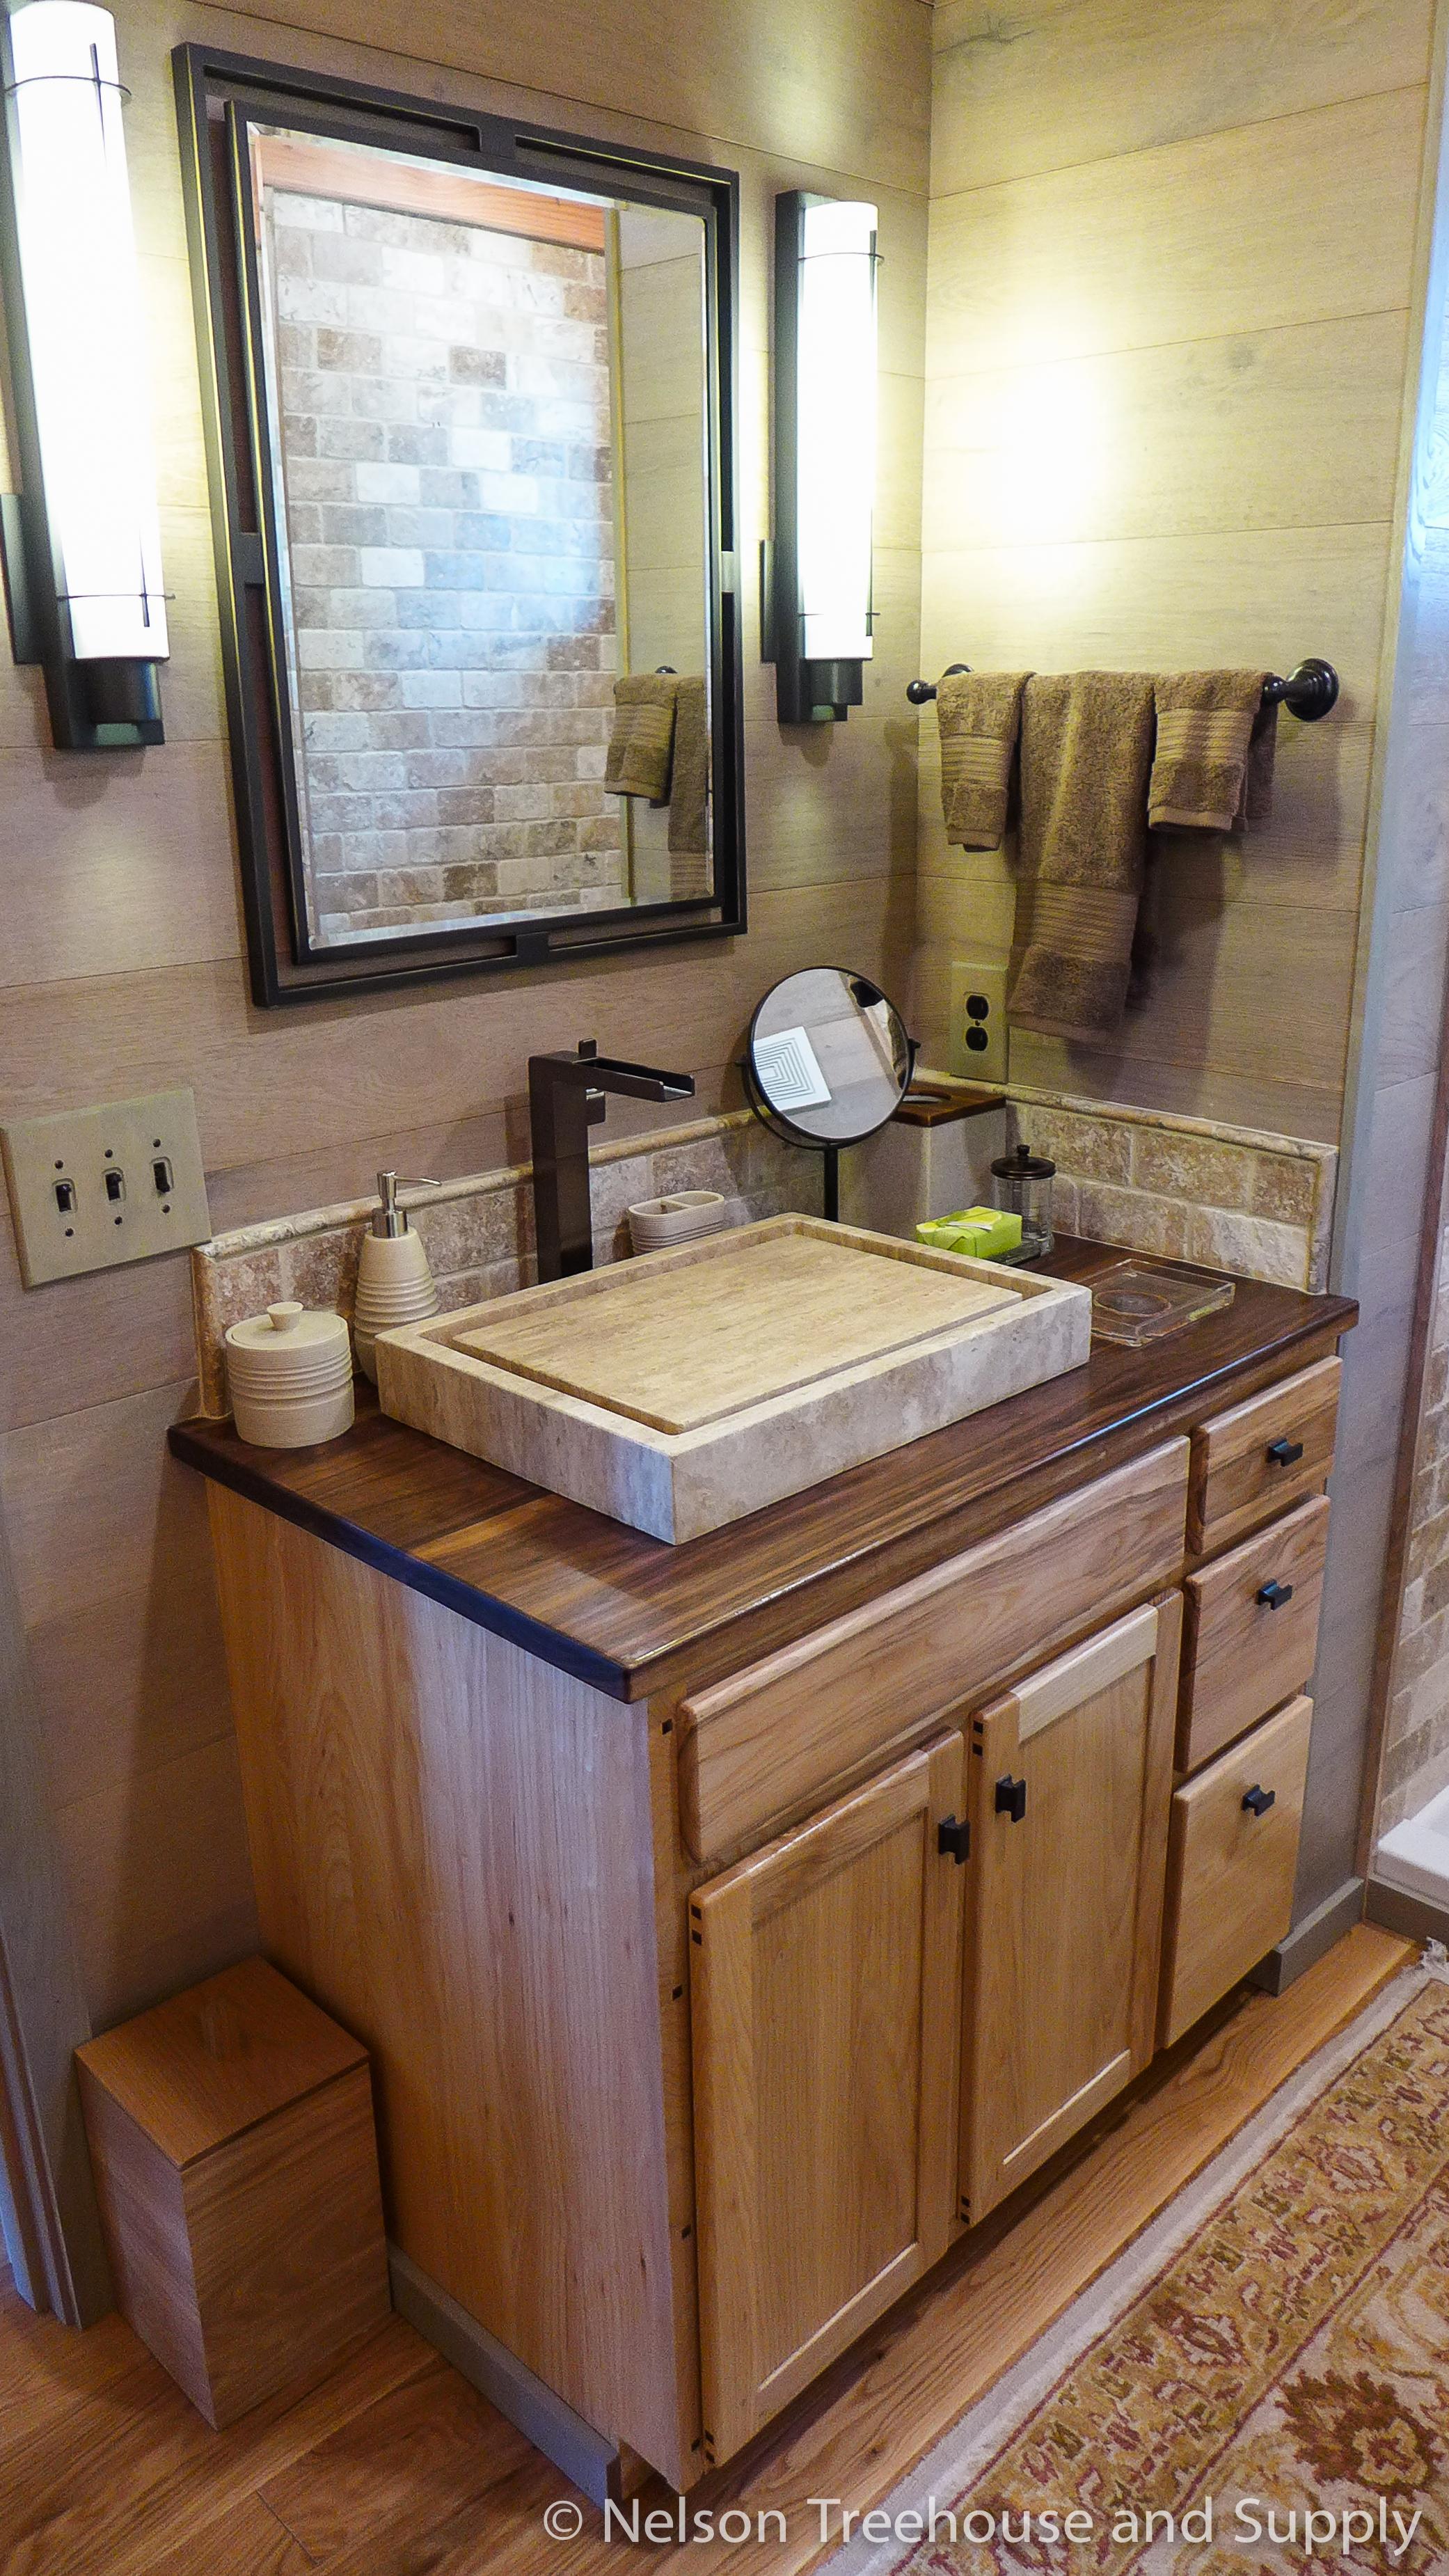 frank_lloyd_wright_treehouse_bathroom